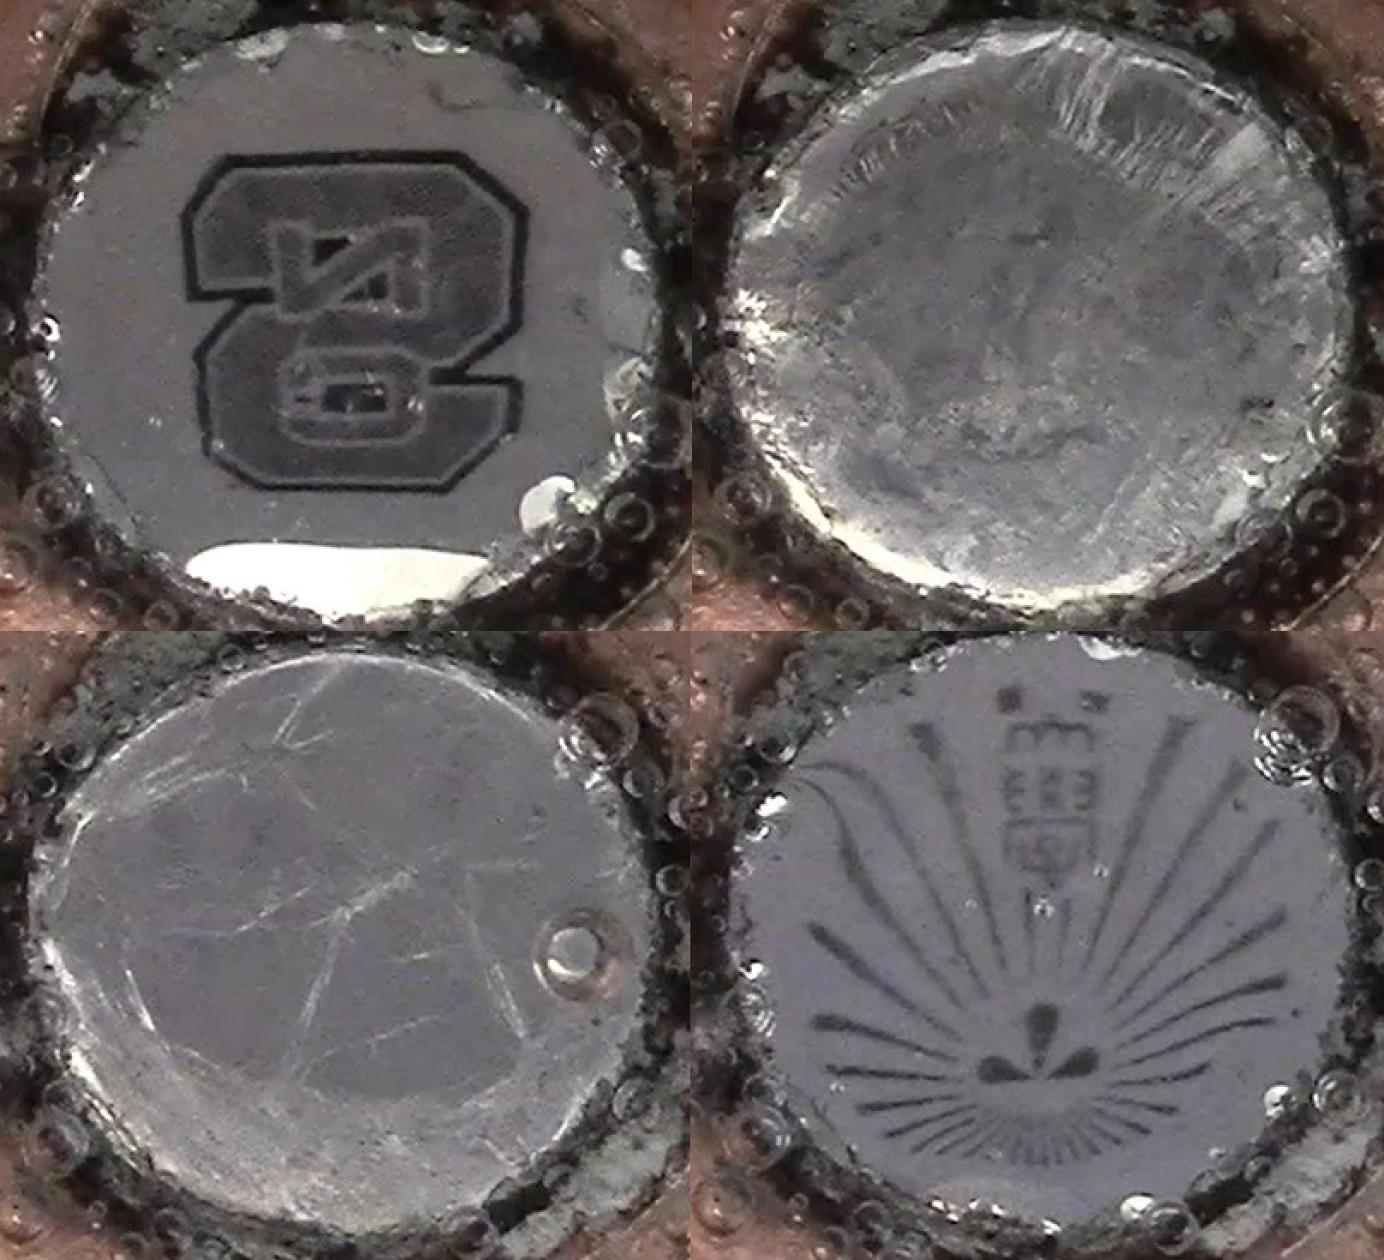 工程师找到能让液态金属在反射表面和散射表面快速转换的方法